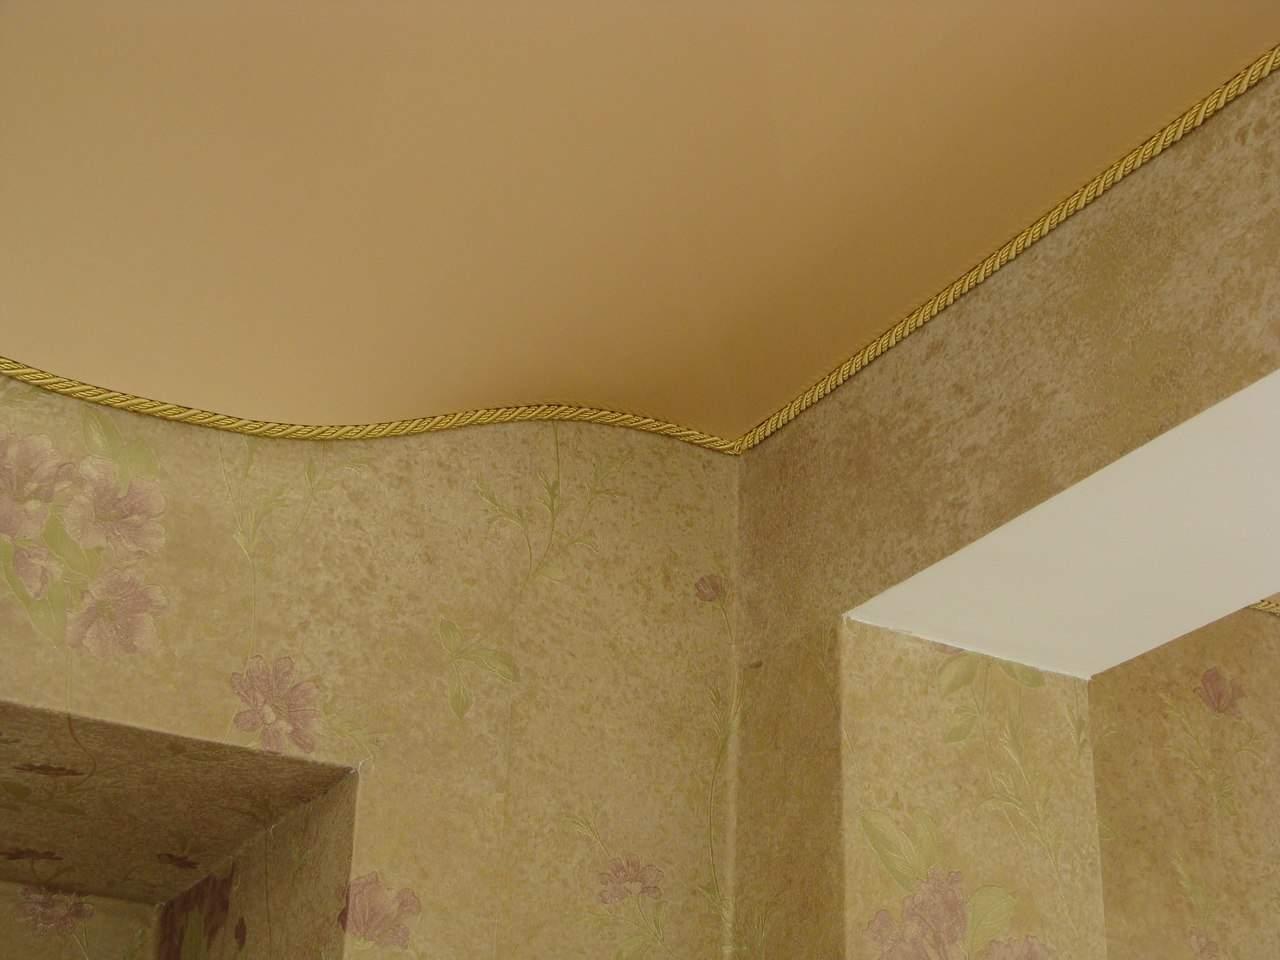 будь любима, отделка швов при натяжном потолке в картинках можжевельника фотографиями, описание